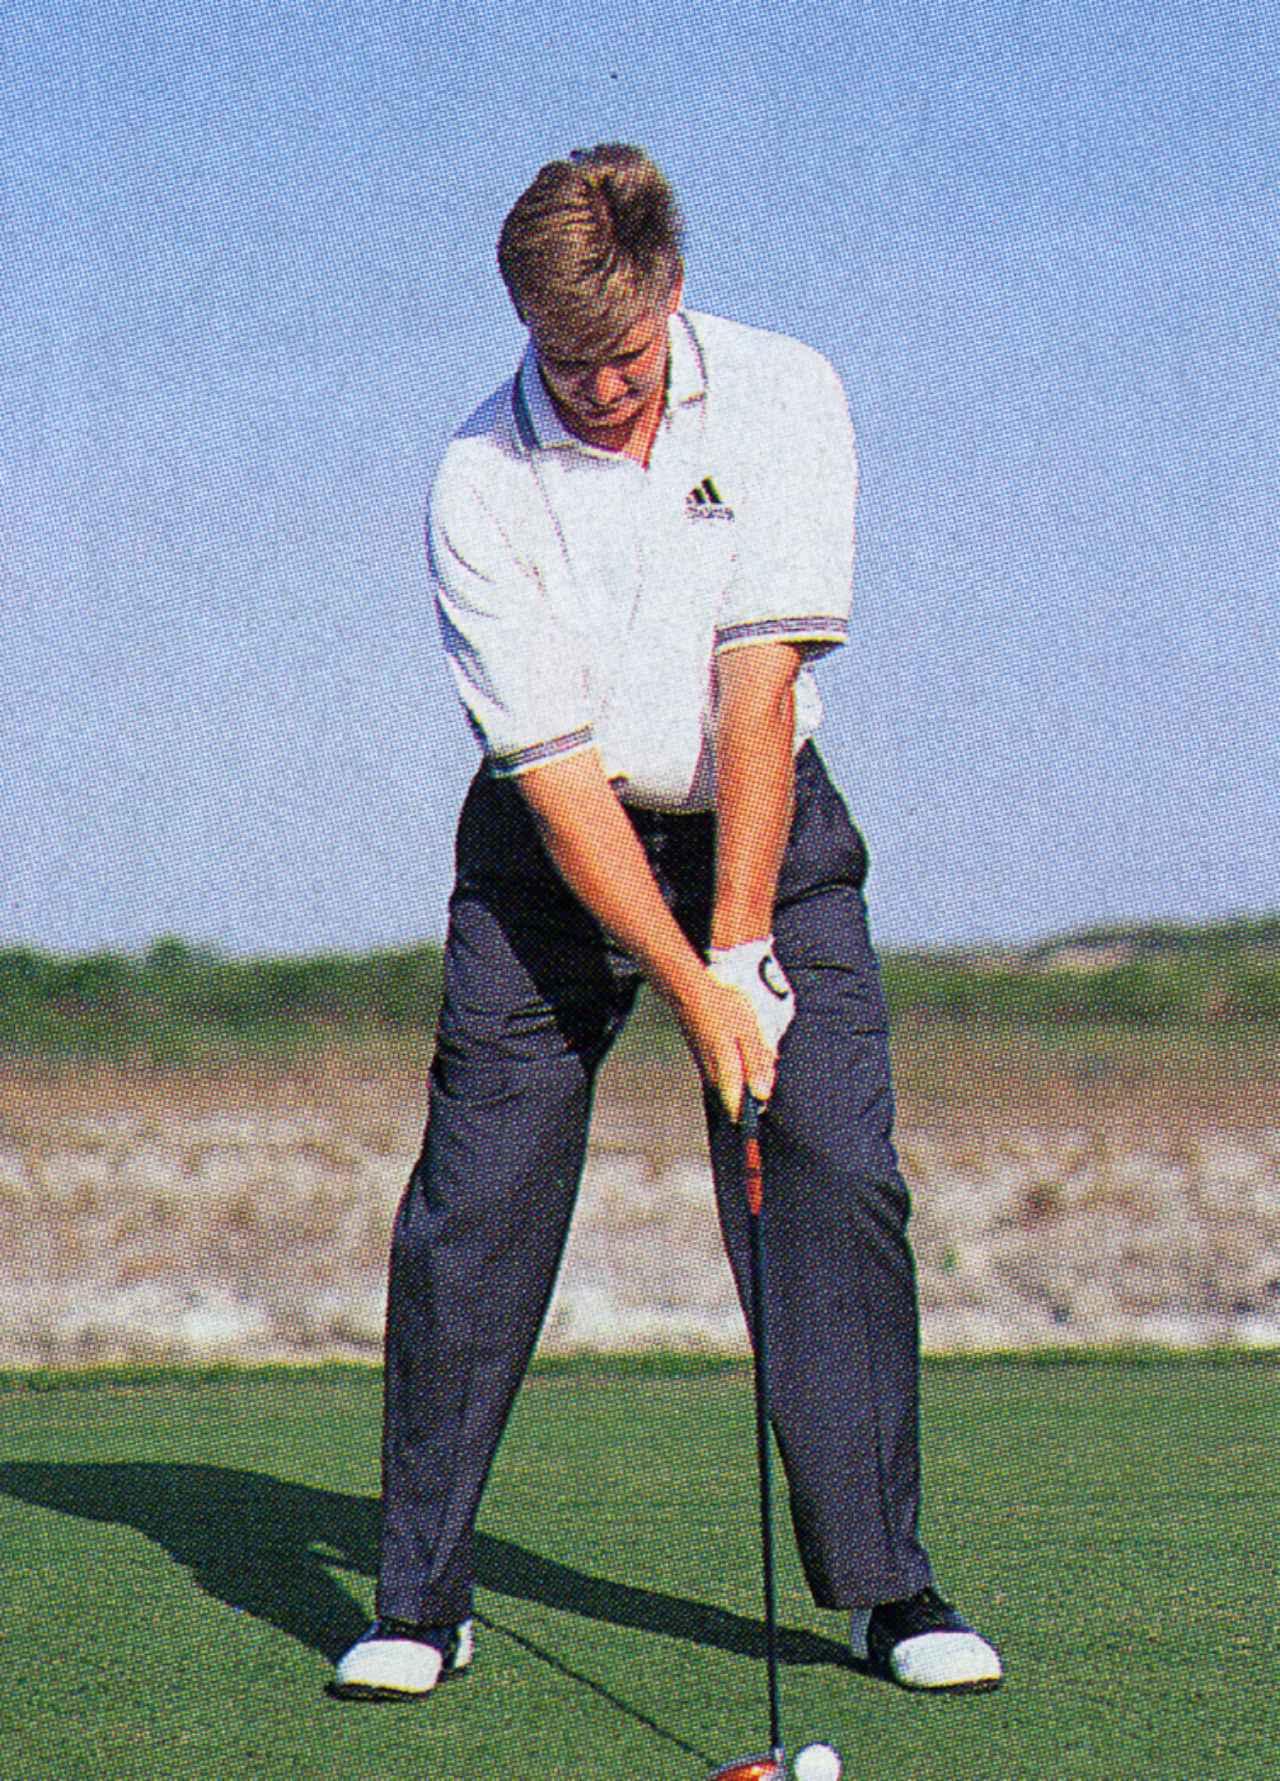 画像1: 【南アのゴルフ遺伝子Vol.4】アーニー・エルスが目指したもの